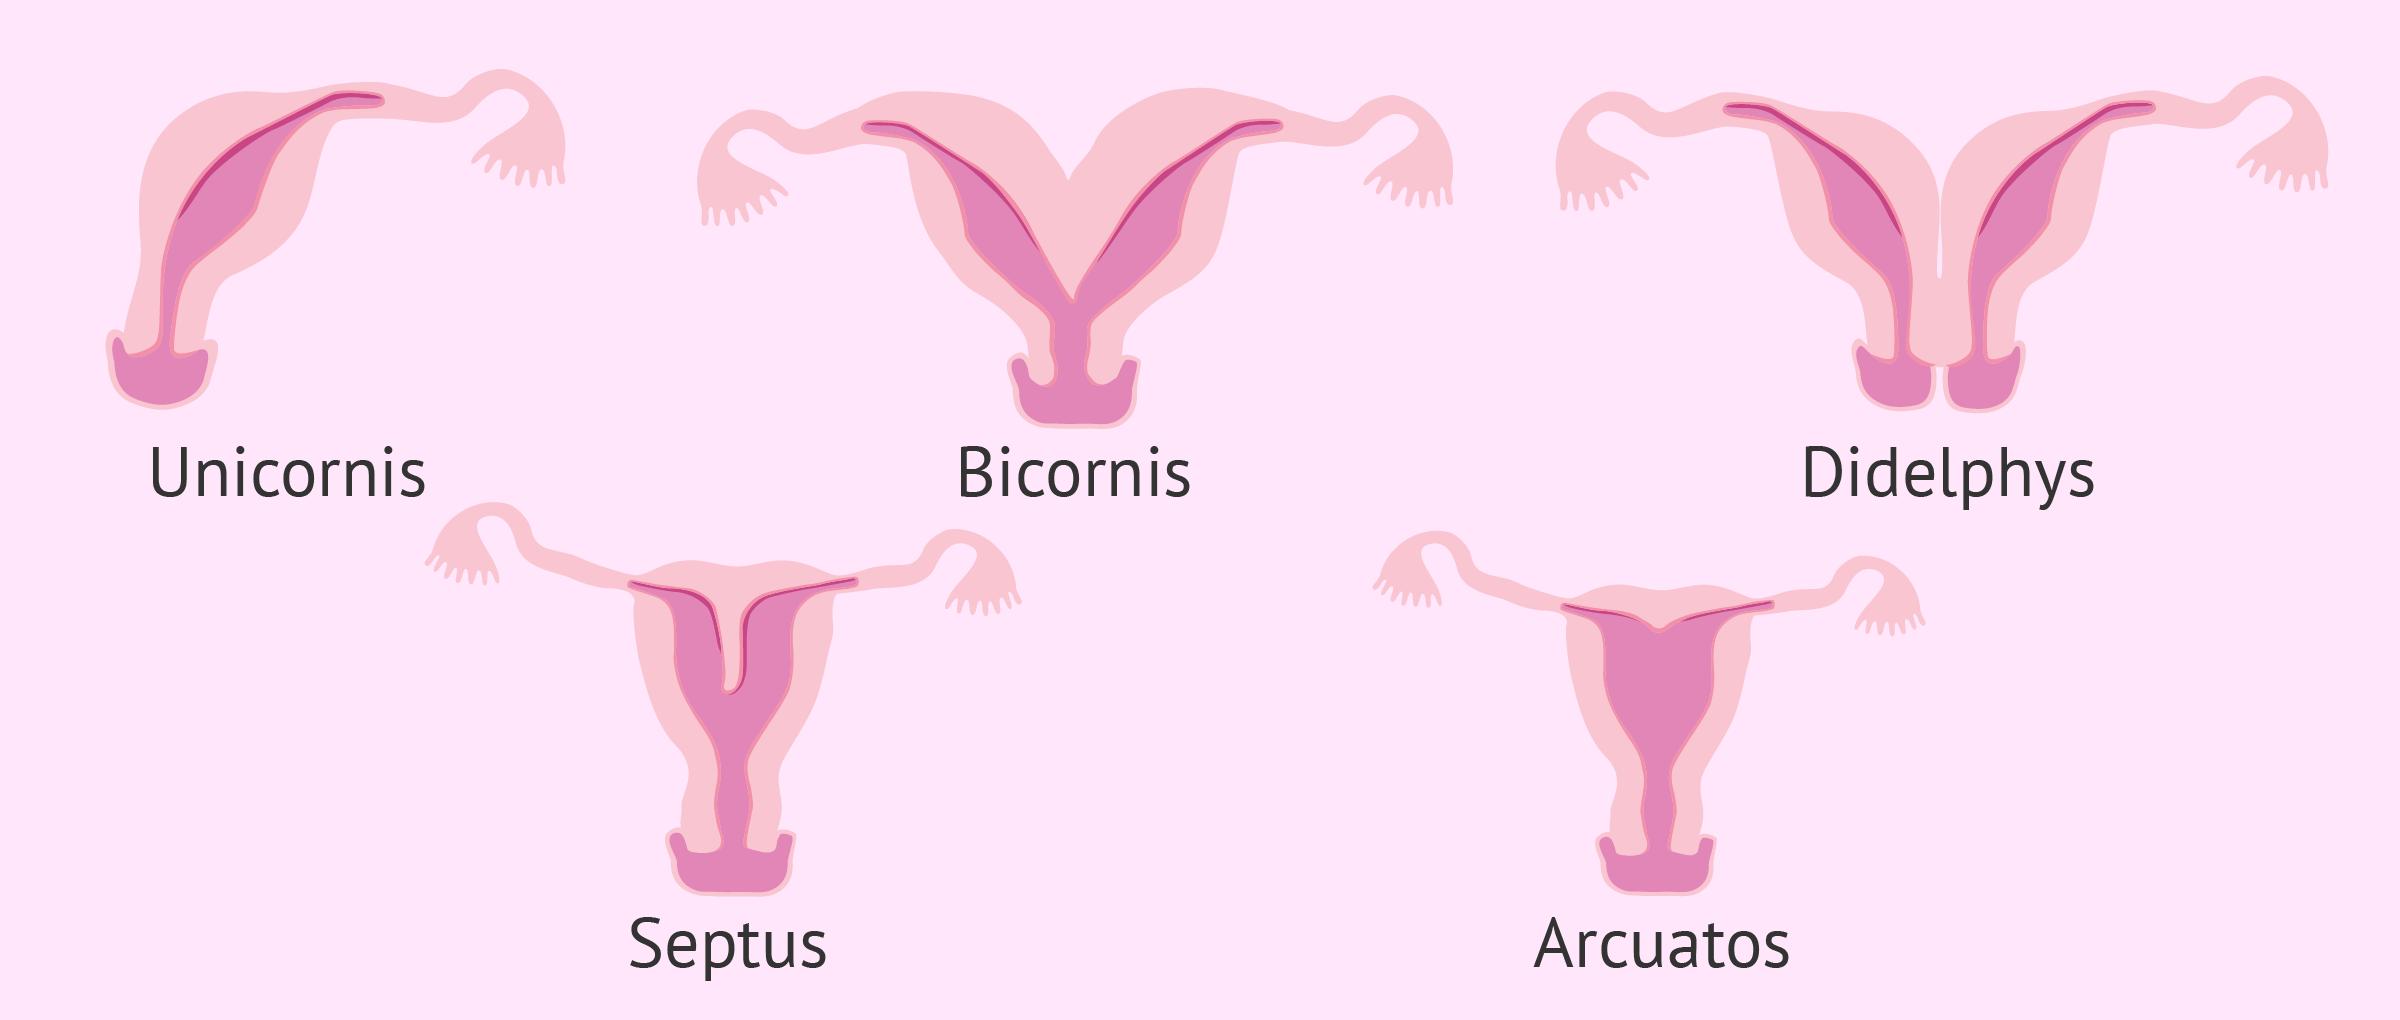 Gebärmutterfehlbildungen